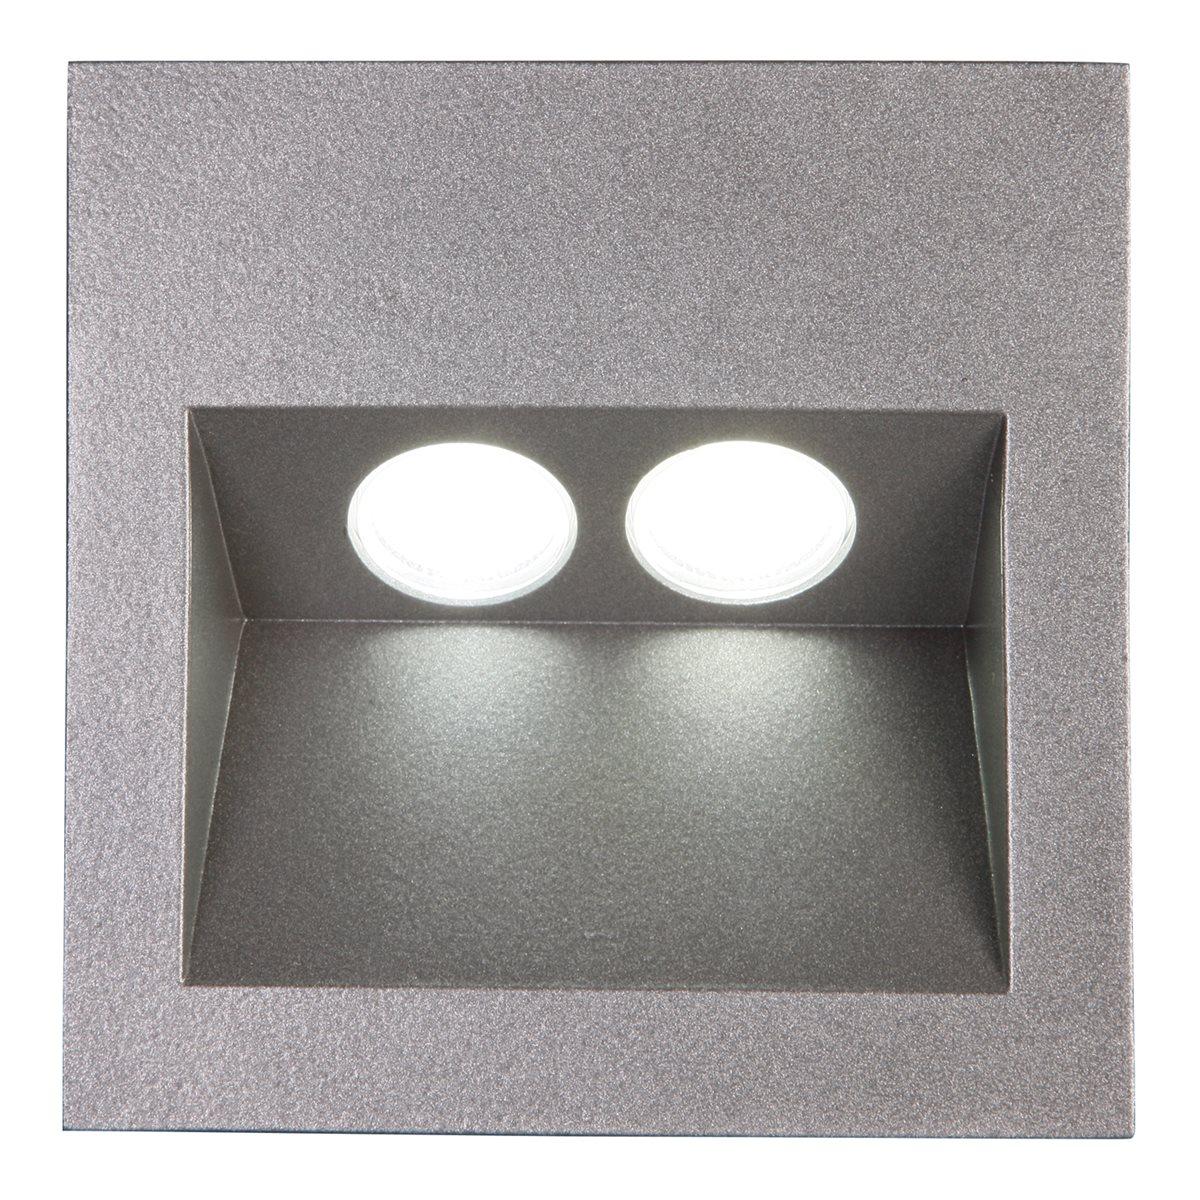 lampenlux led einbaustrahler aussenleuchte taimy ip65 230v. Black Bedroom Furniture Sets. Home Design Ideas